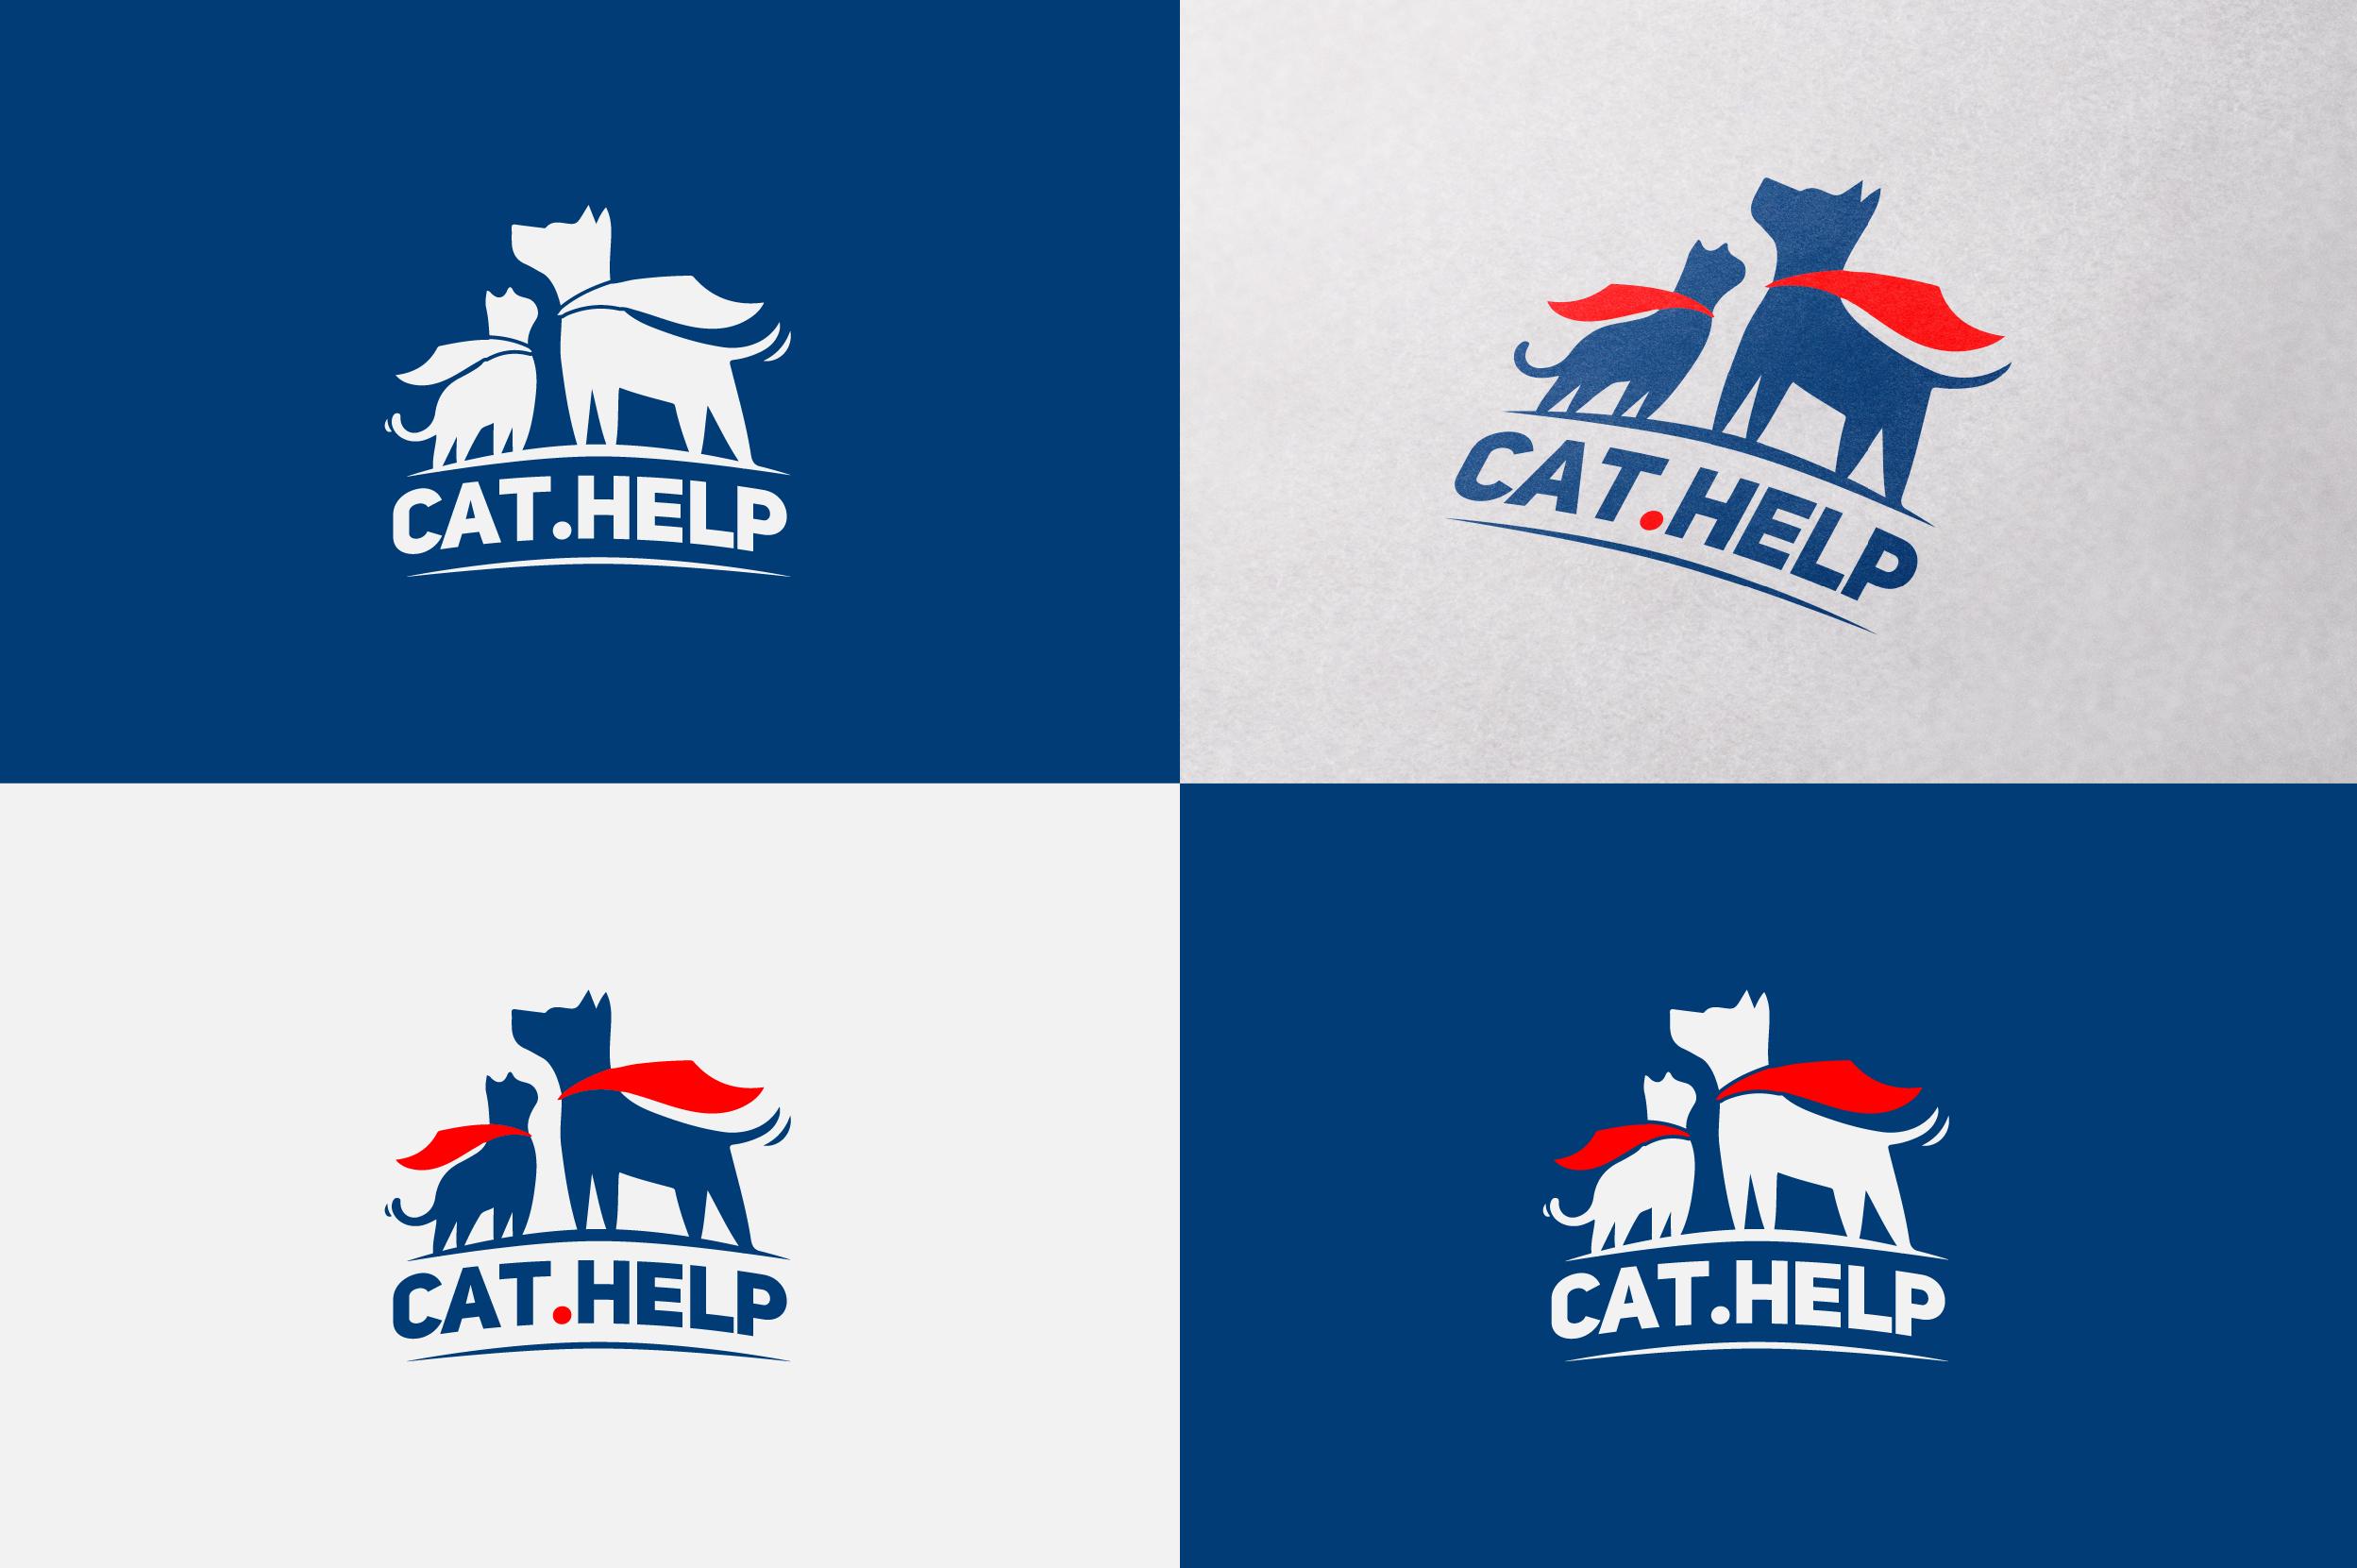 логотип для сайта и группы вк - cat.help фото f_94059dfd278c91db.png